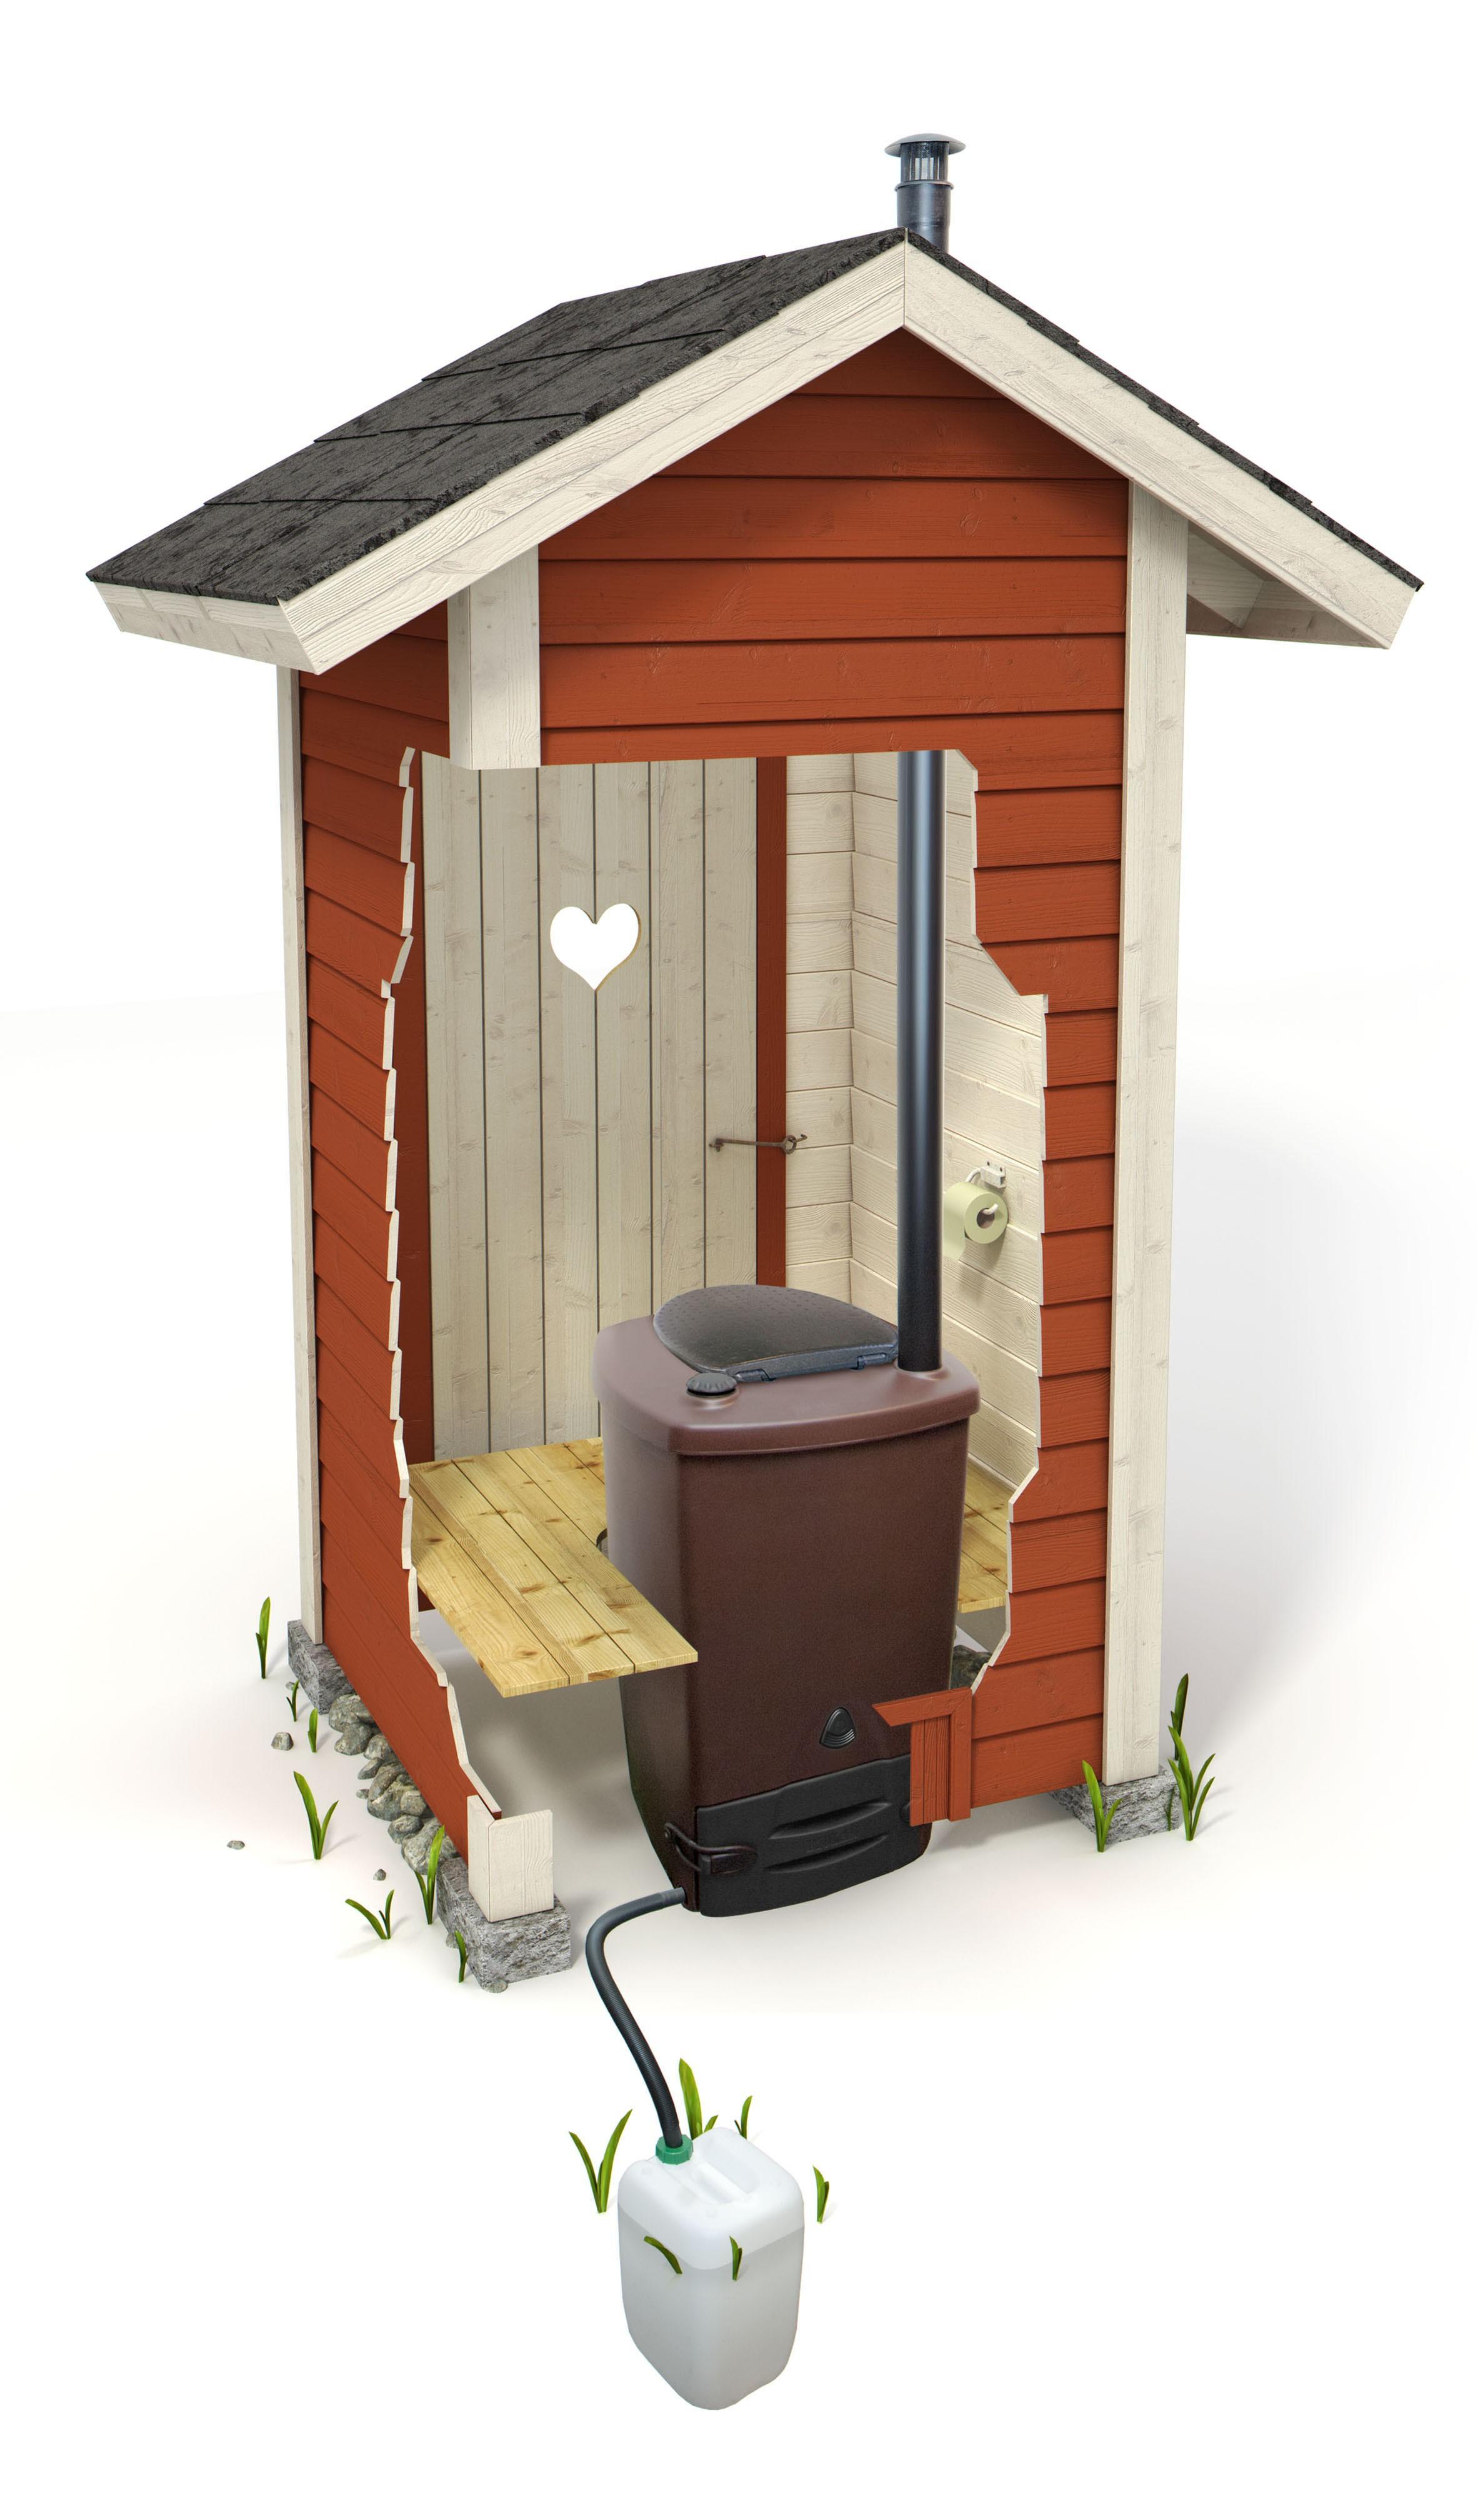 Toilette Sèche À Compost Tlb Biolan - Toilette Sèche tout Toilette Seche Exterieur